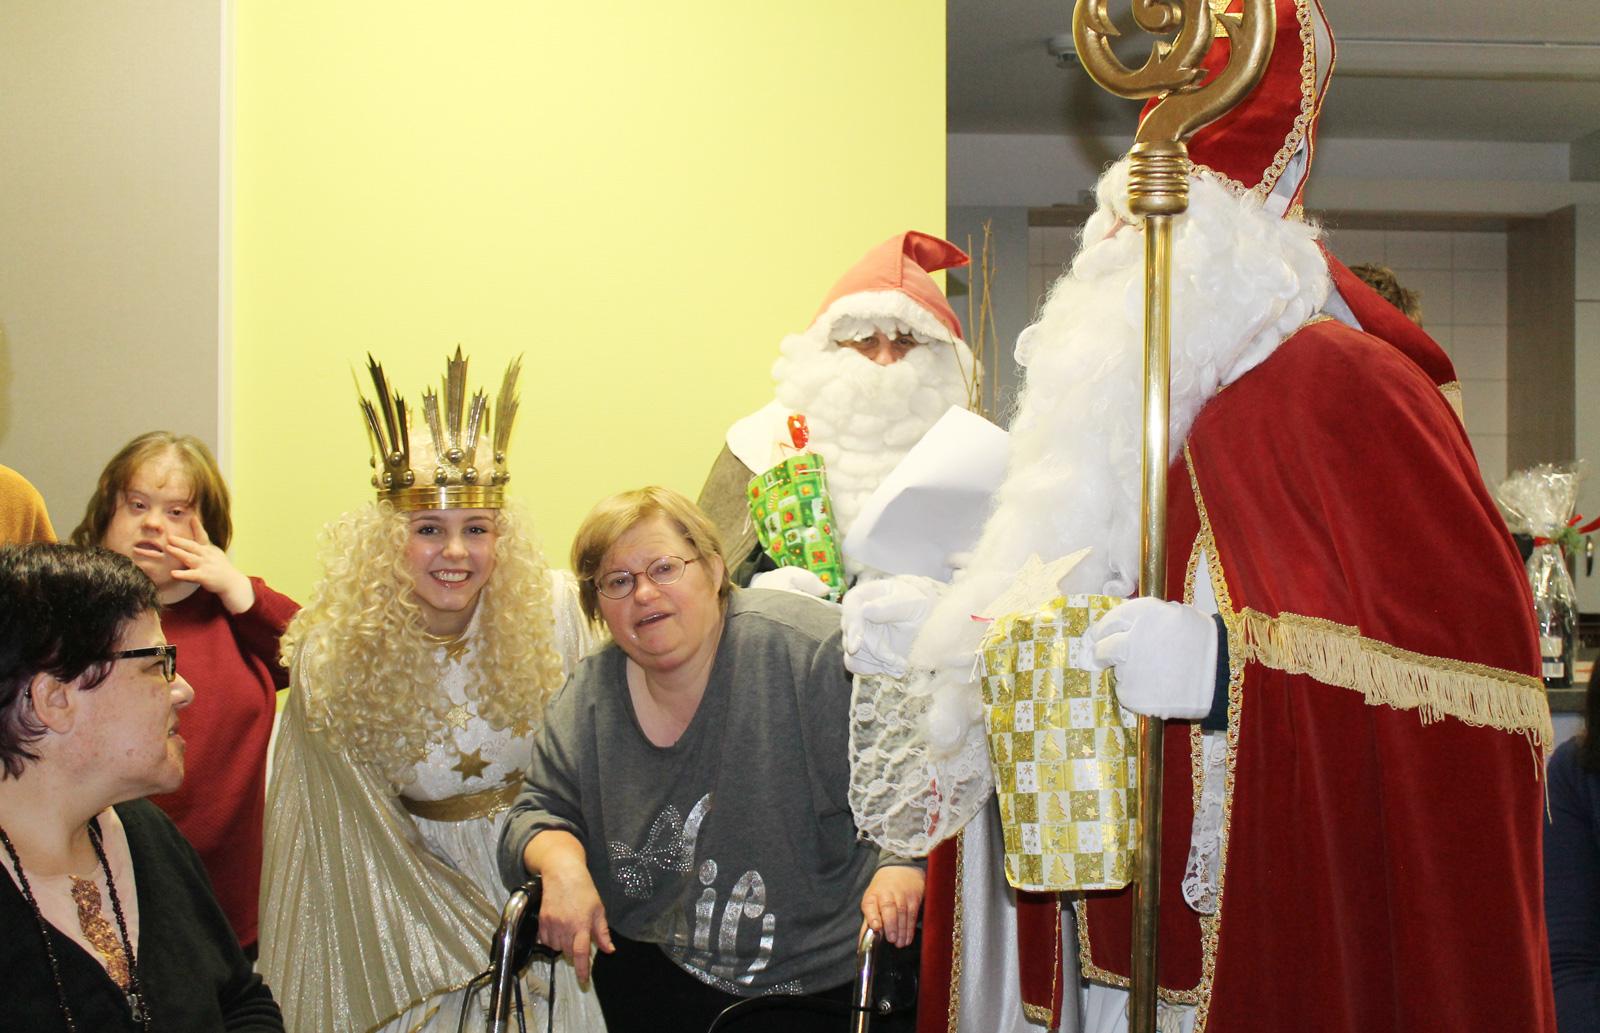 Christkind, Nikolaus und Knecht Ruprecht stimmten Bewohner auf Weihnachten ein.